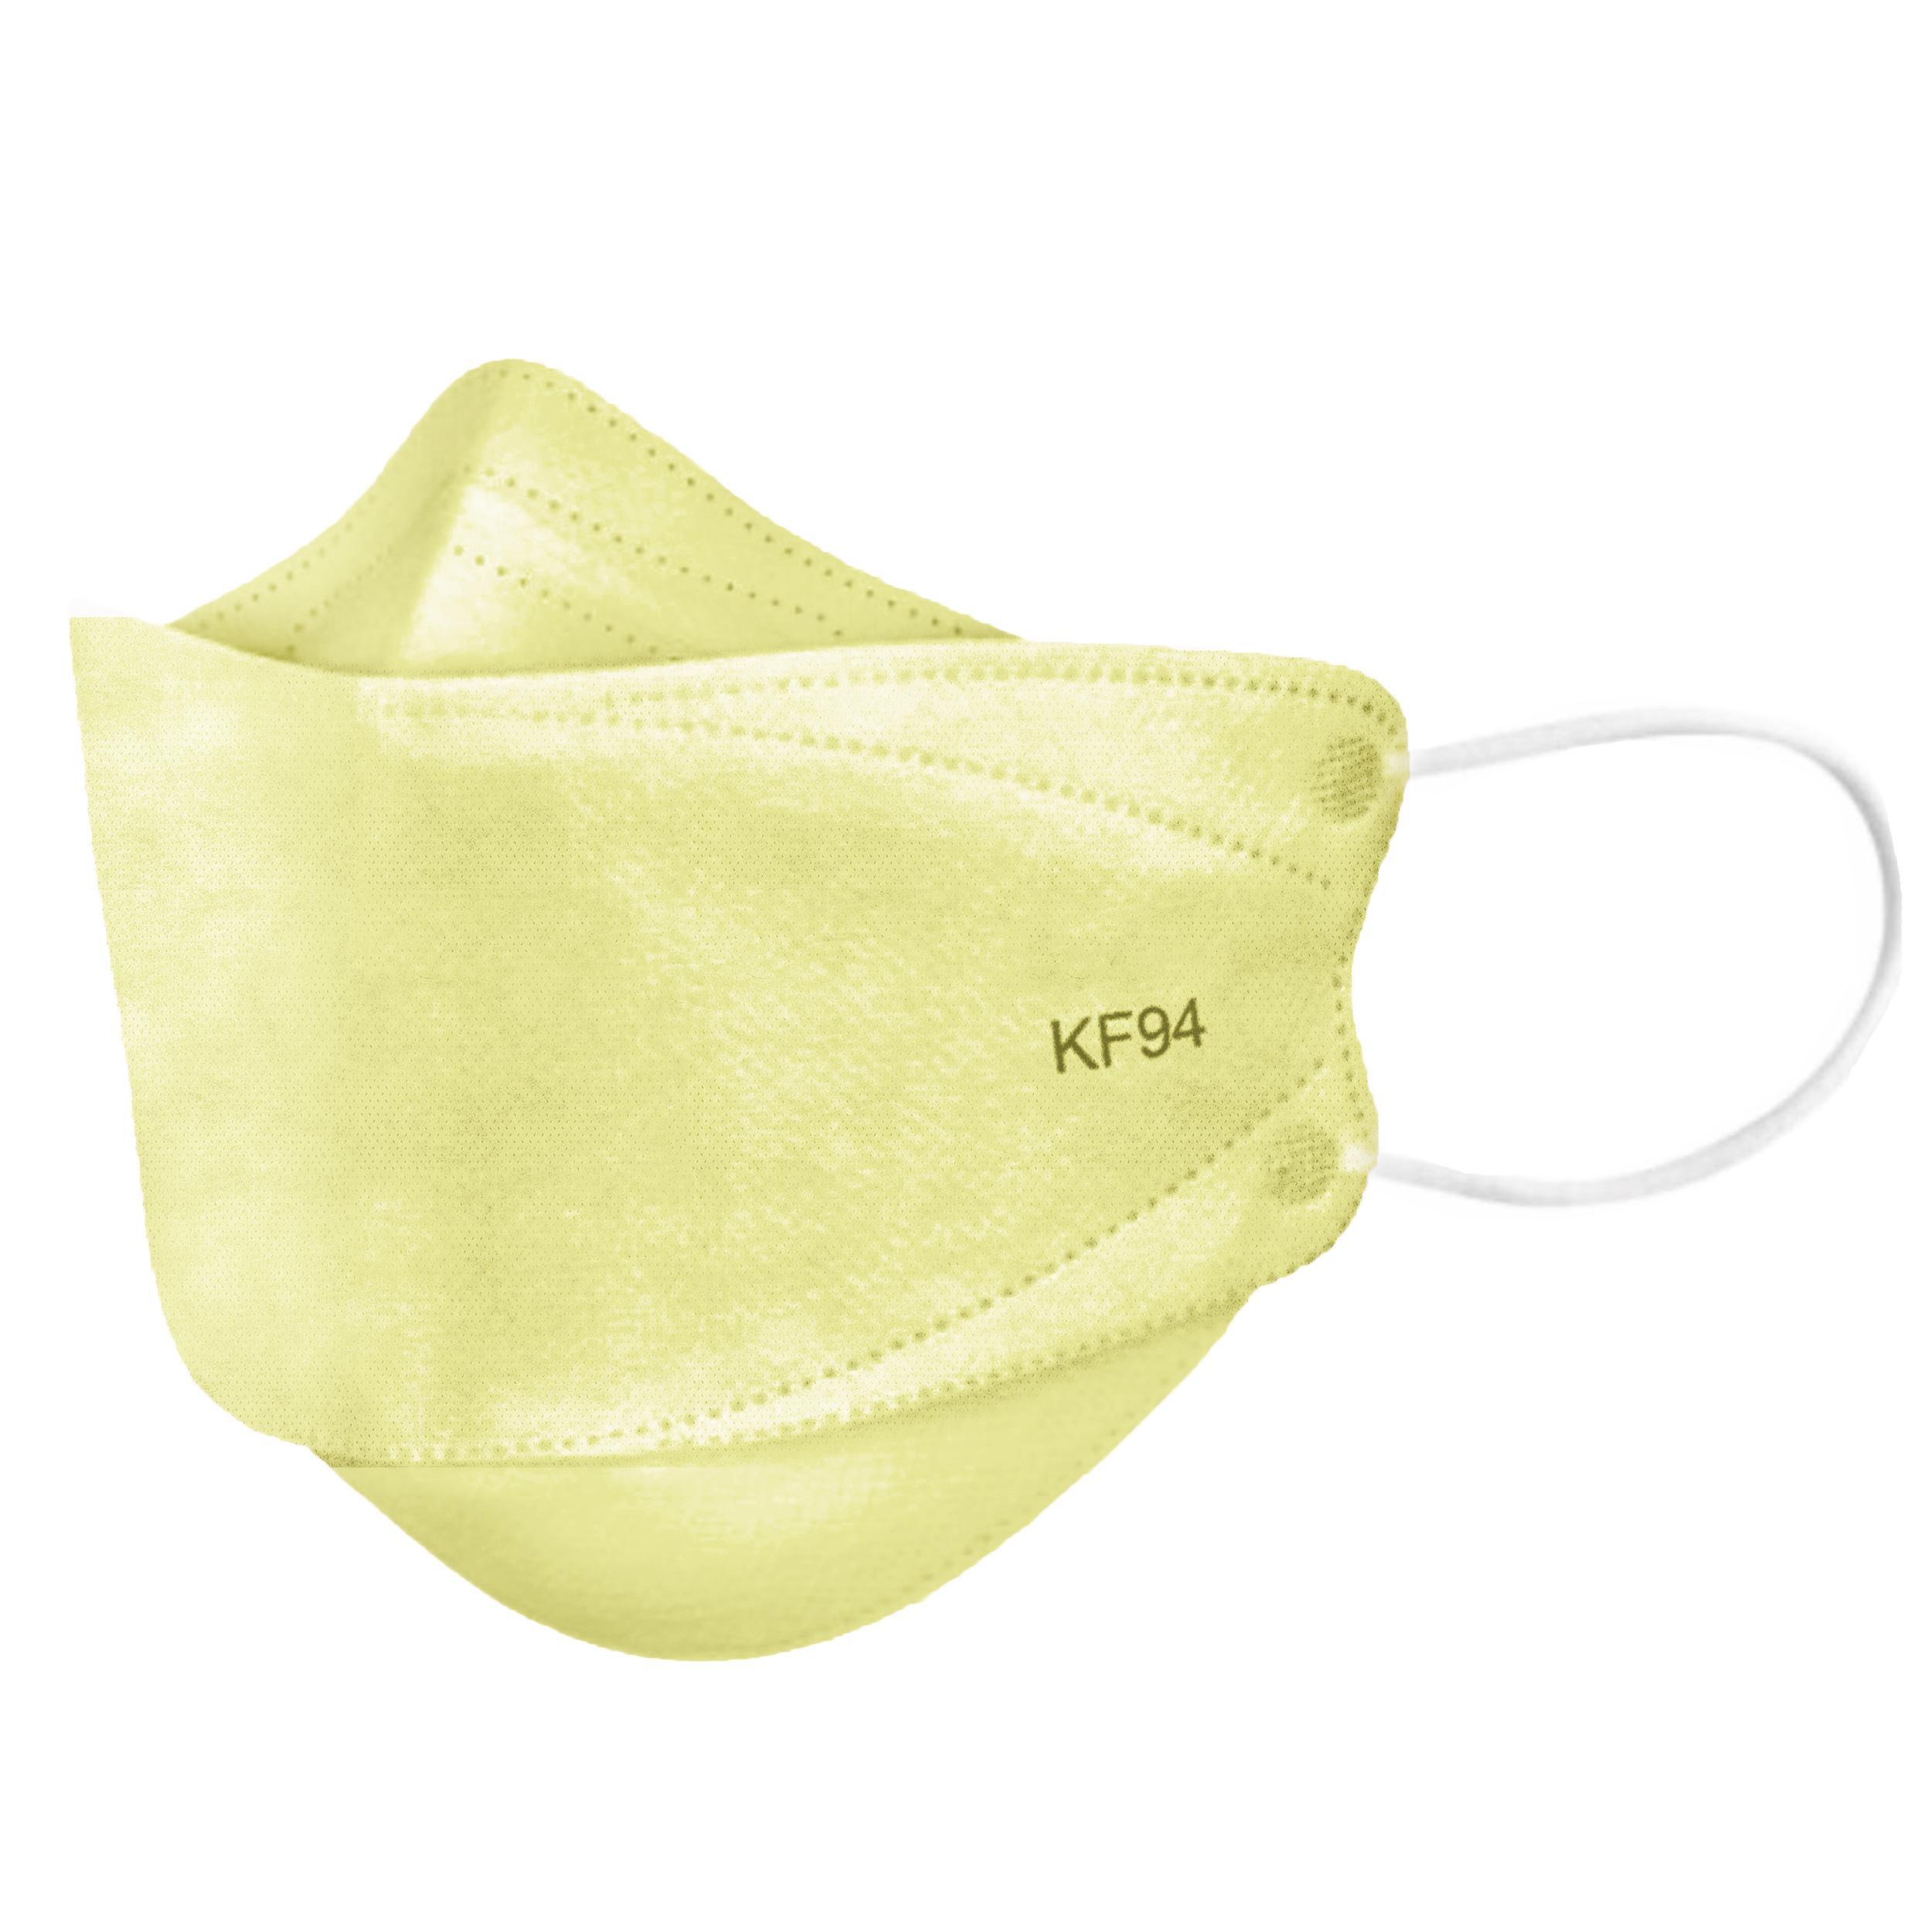 ماسک تنفسی کد 0062ZD بسته 25 عددی